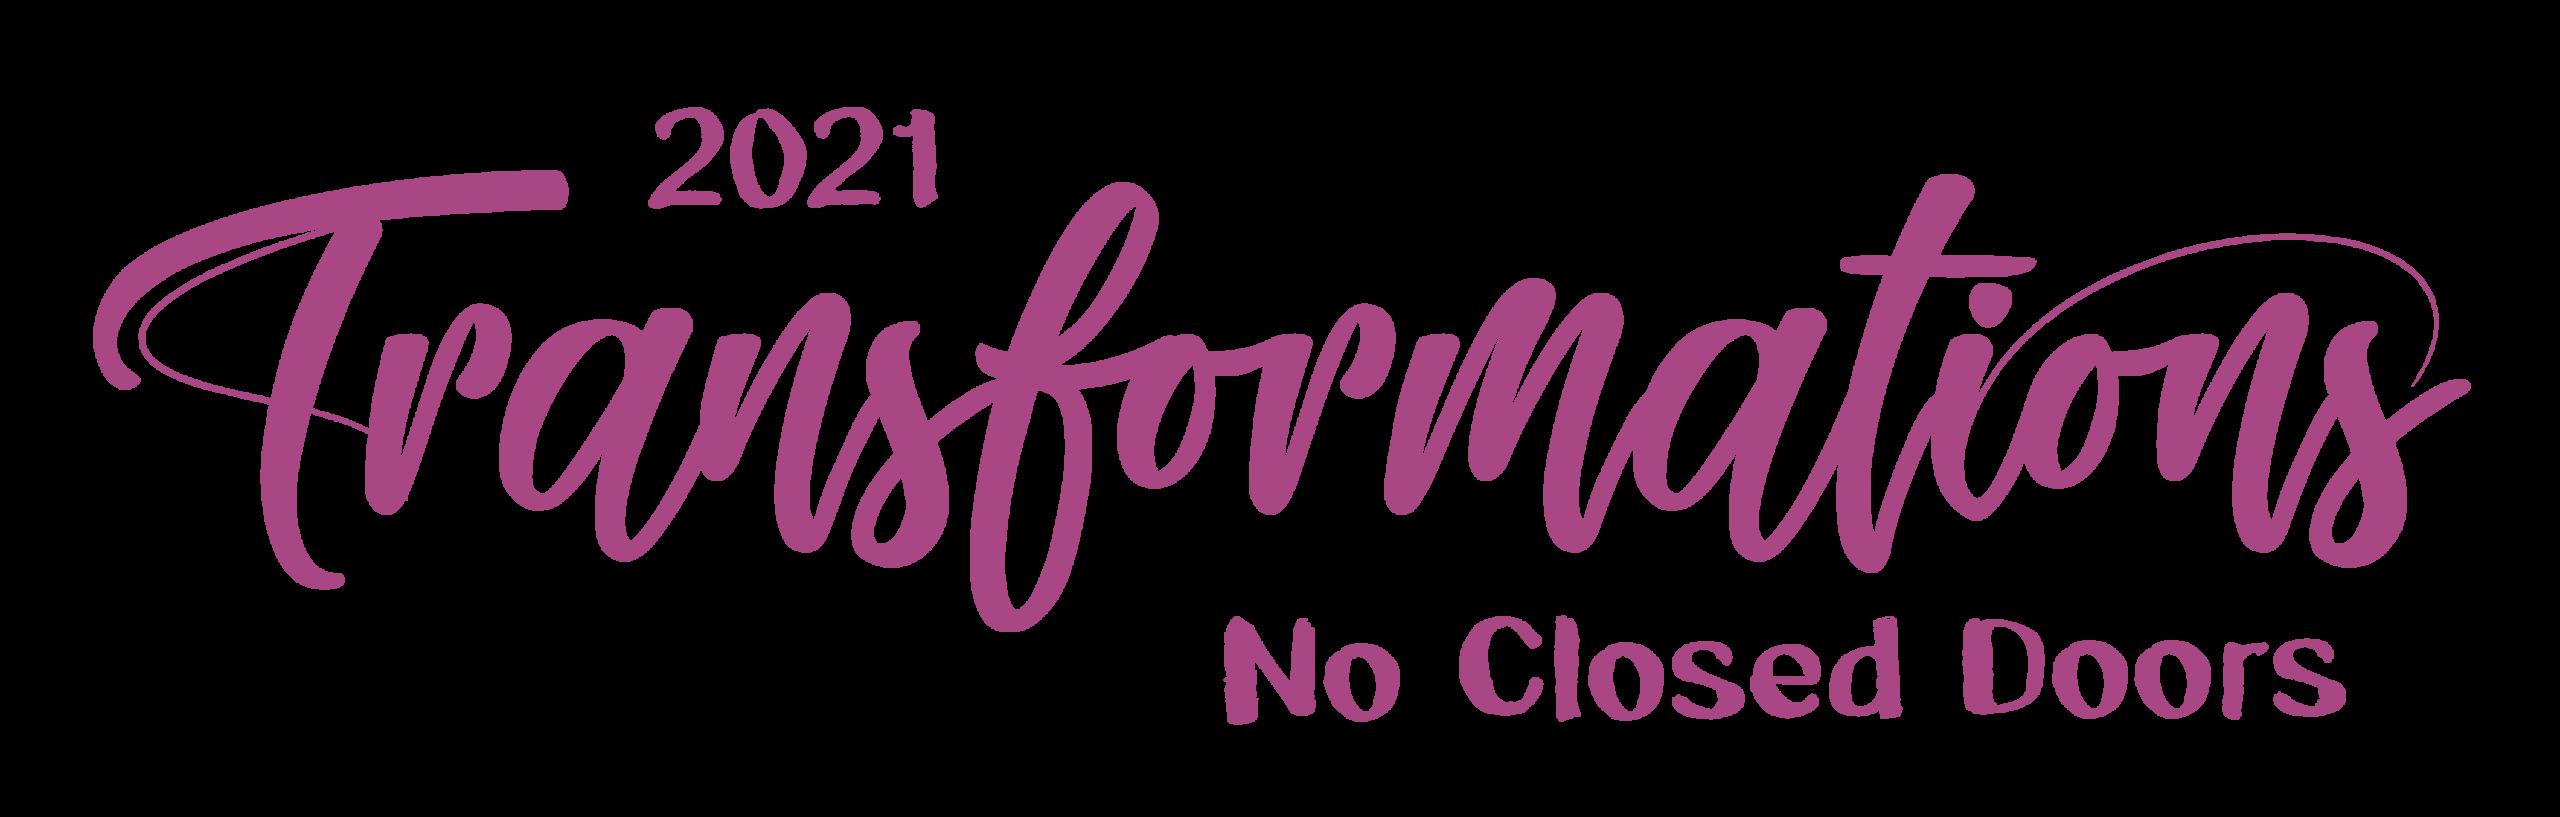 2021 Transformations: No Closed Doors